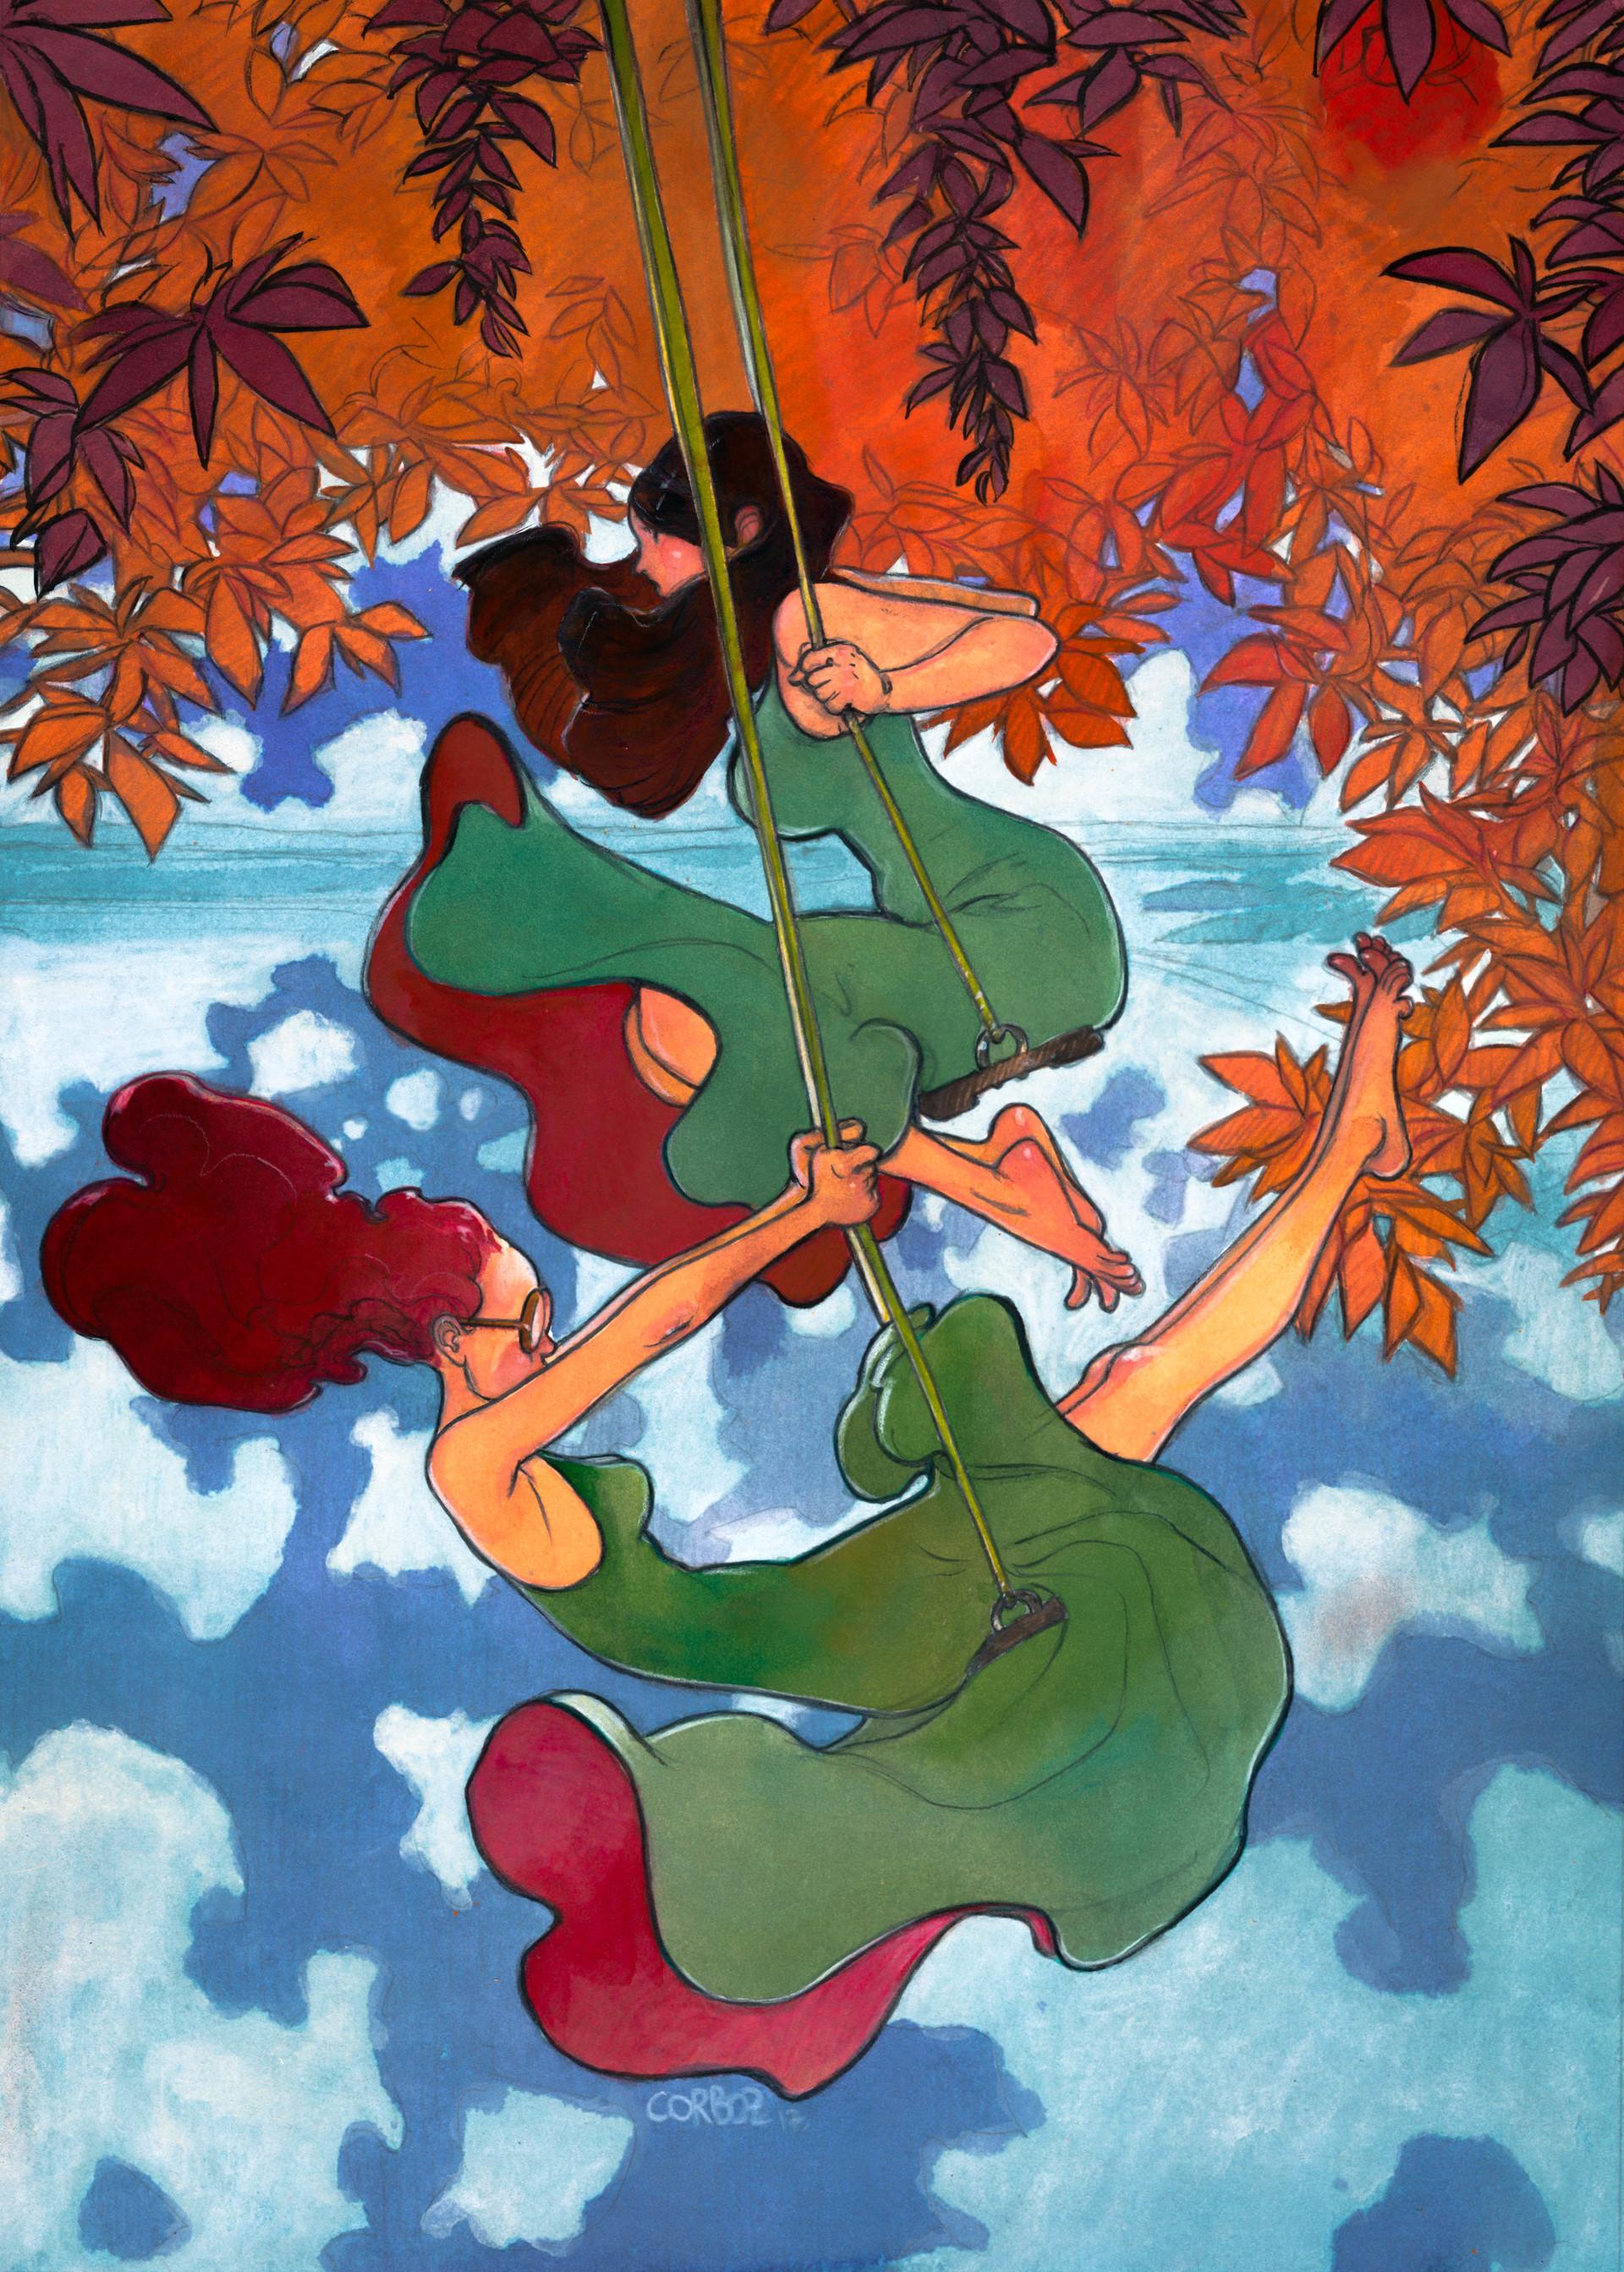 Swinging fall